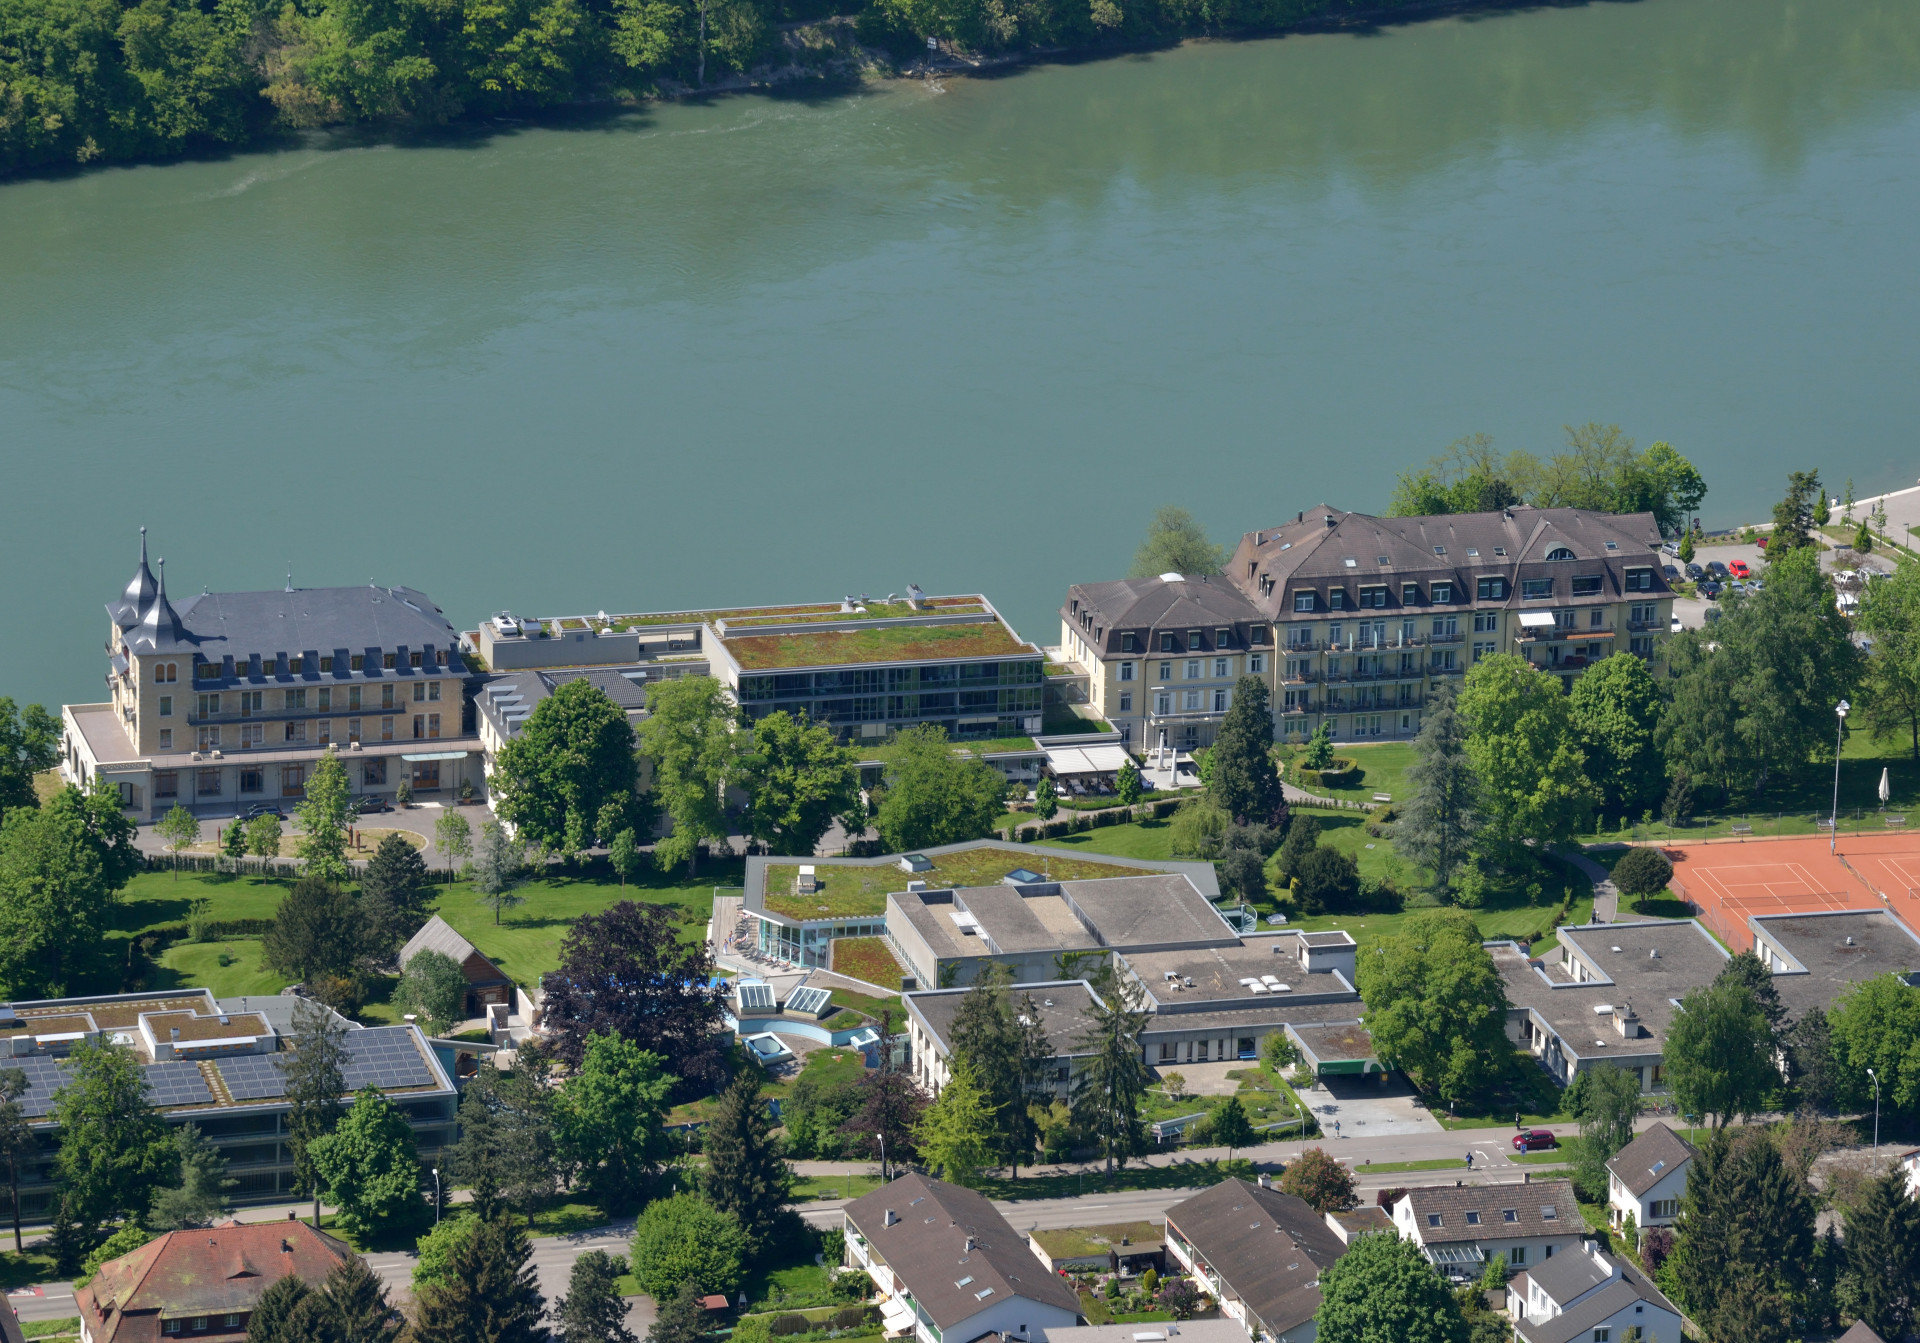 Luftansicht des Parkresort Rheinfelden